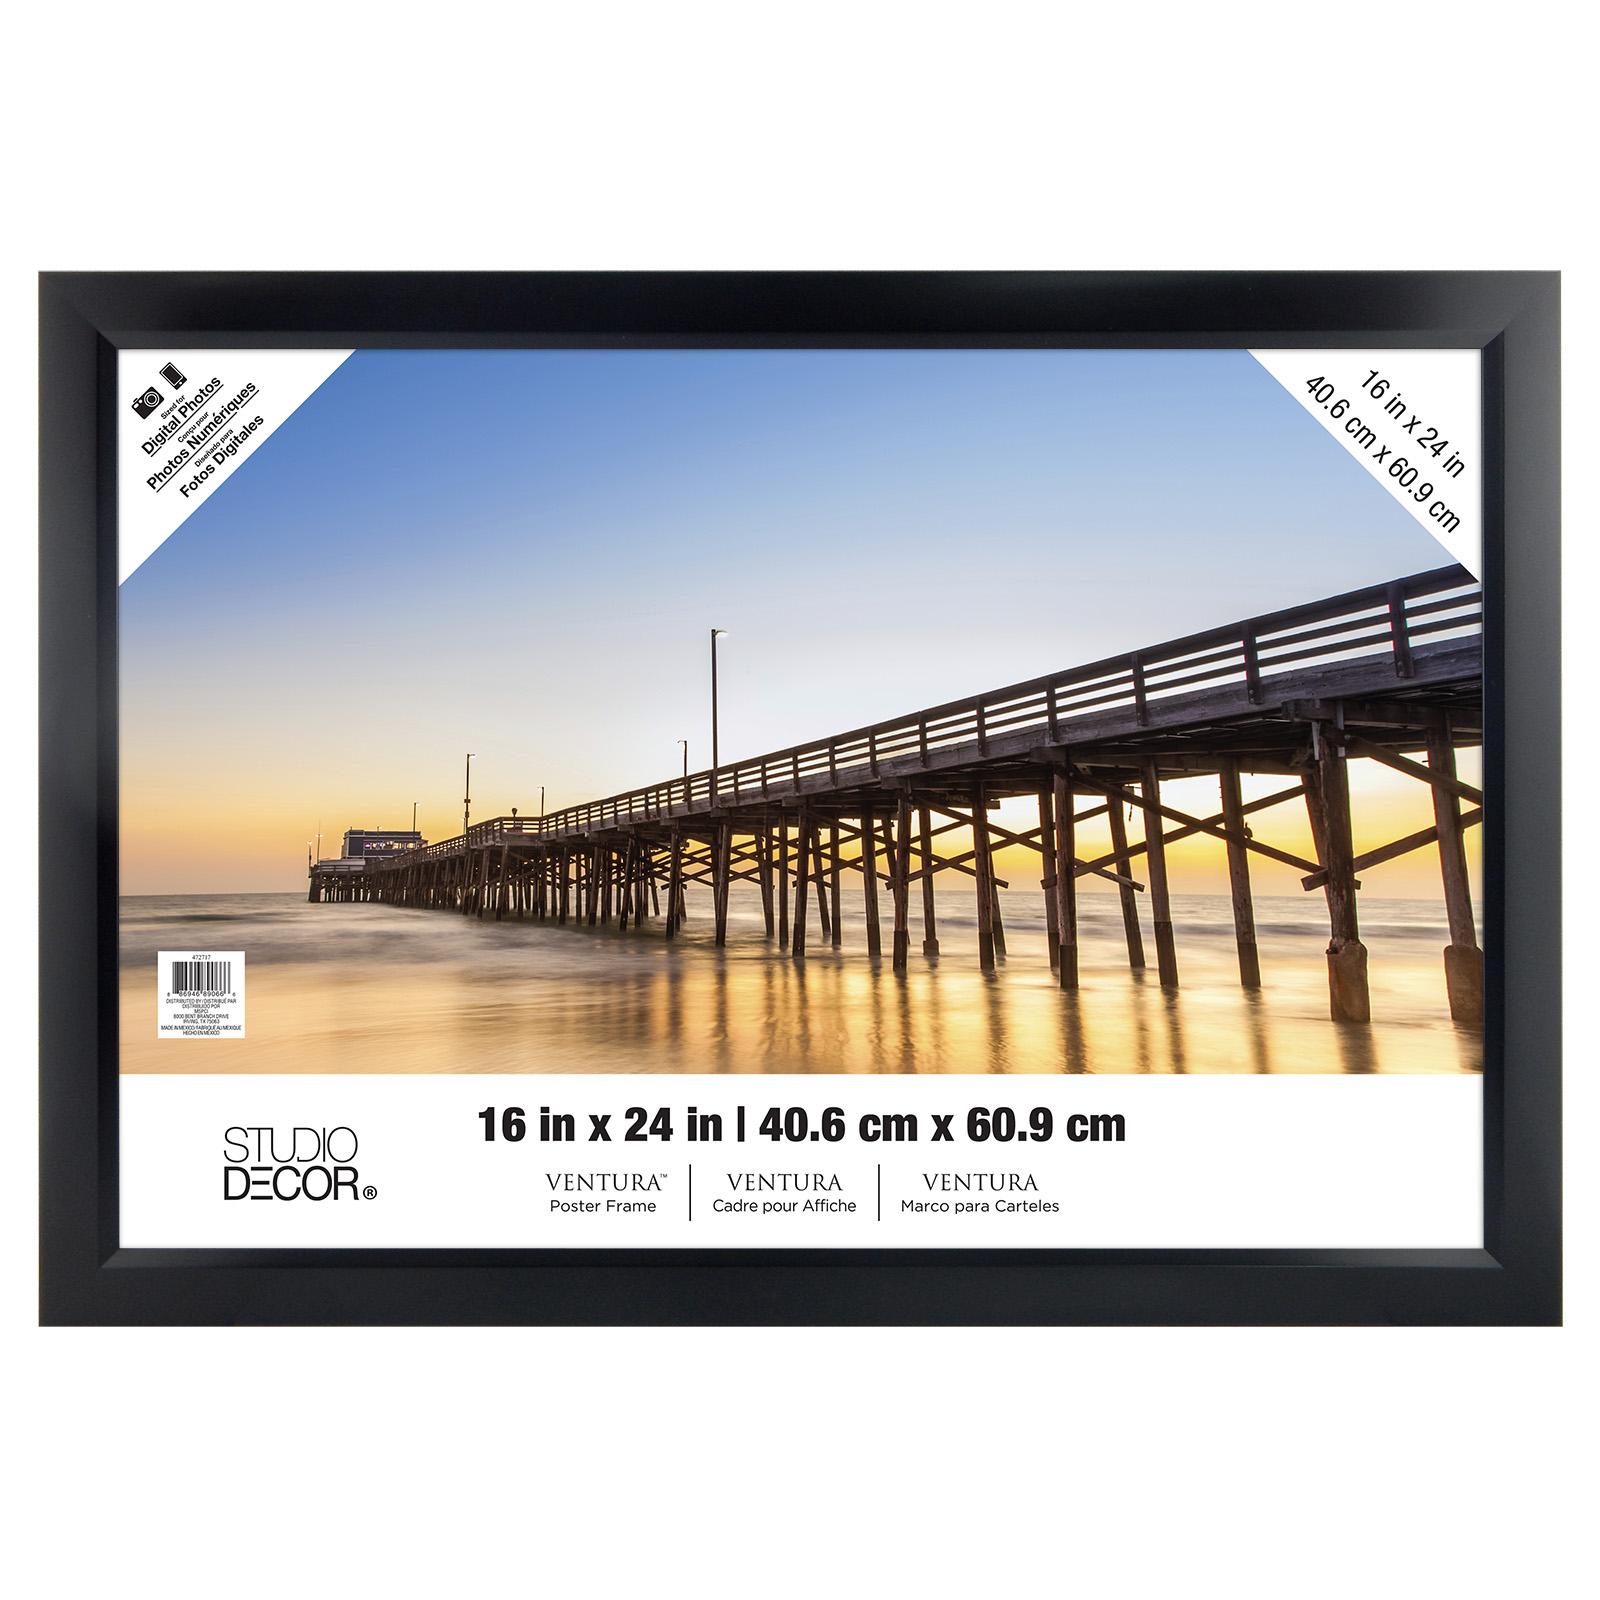 33 x 48 poster frame